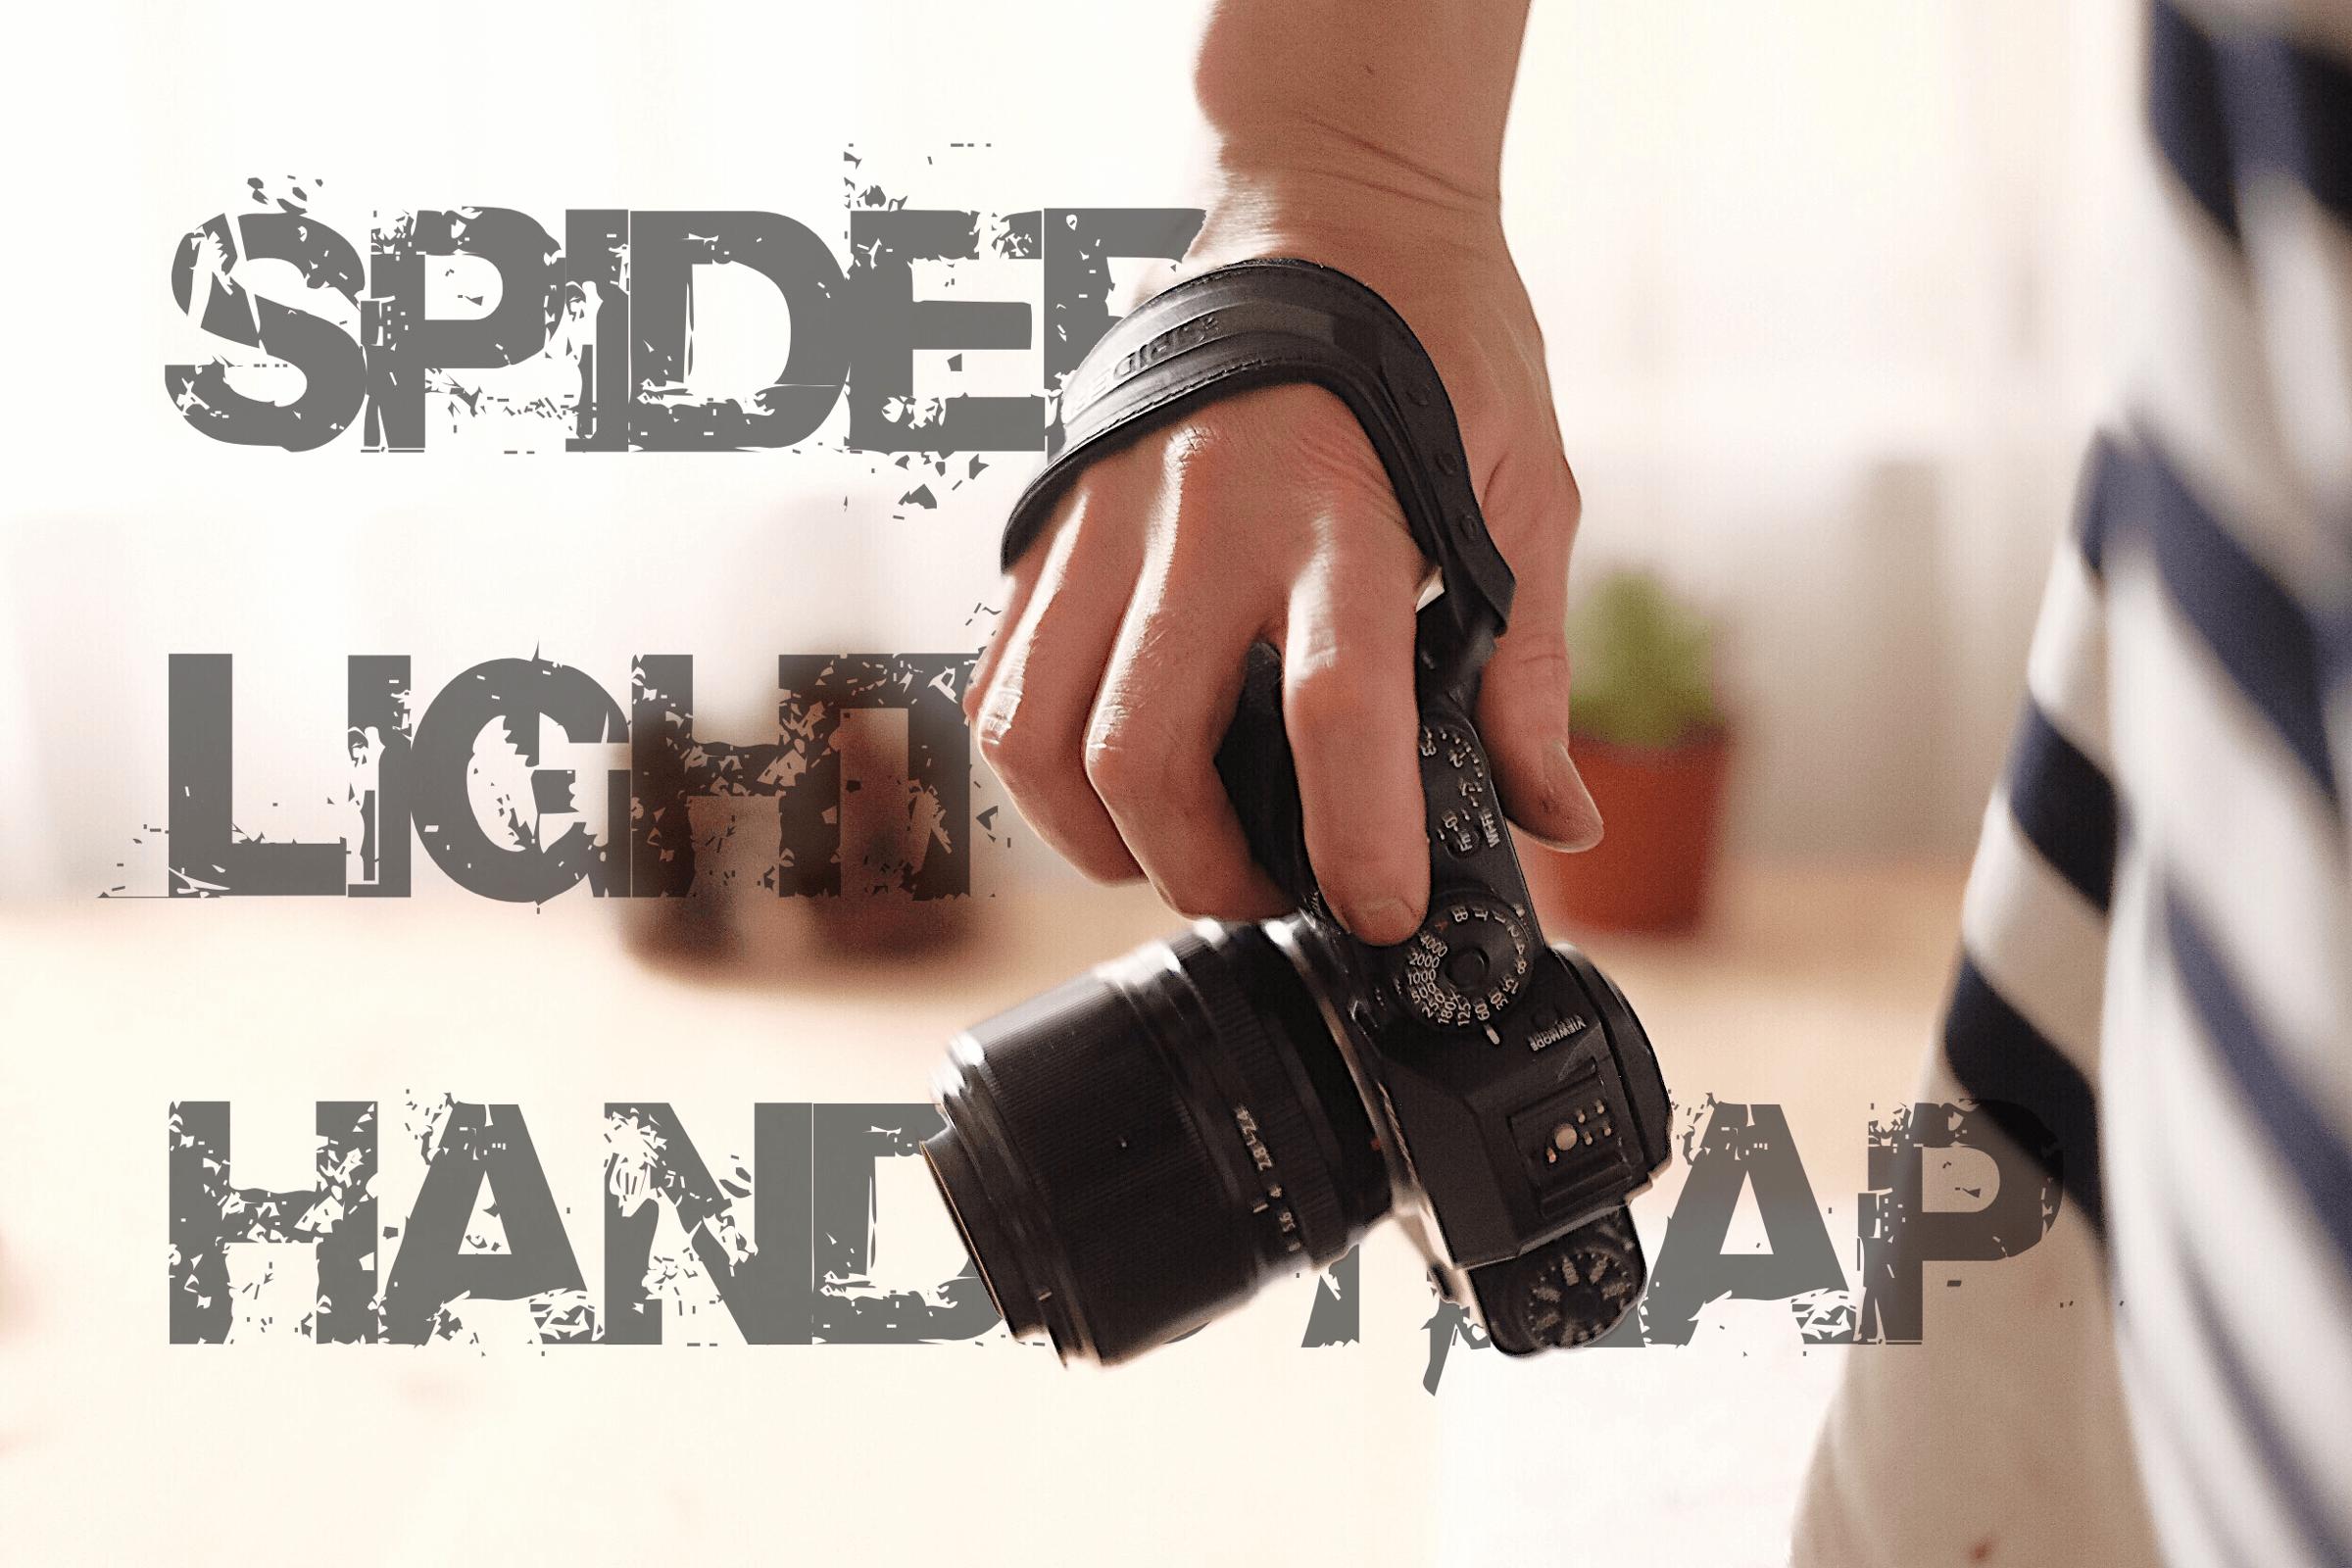 ミラーレスカメラにおすすめの最強ハンドストラップ「SPIDER LIGHT」